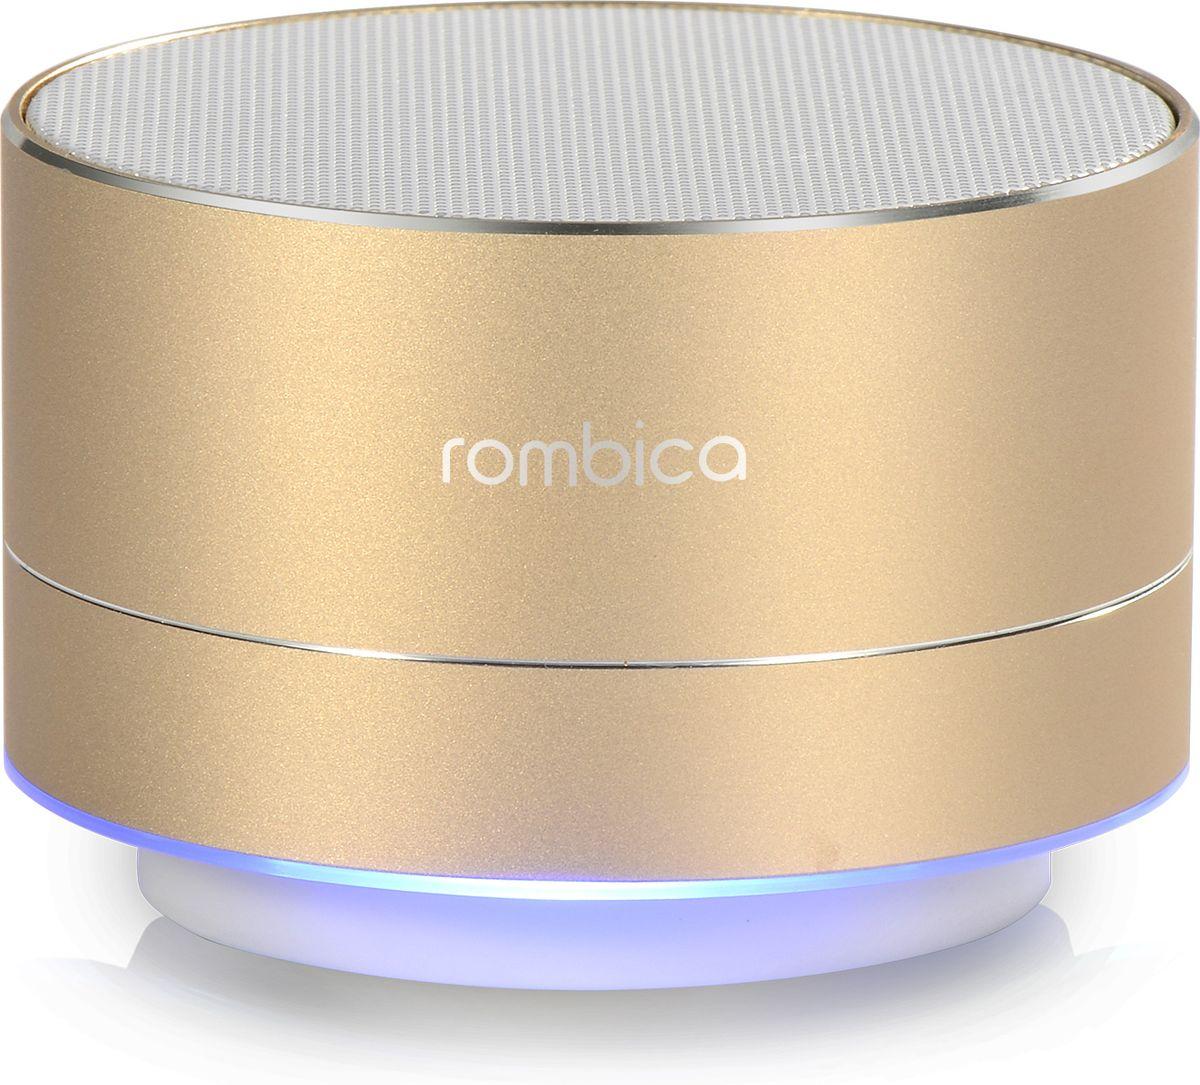 Rombica MySound BT-03 4C, Gold портативная акустическая система